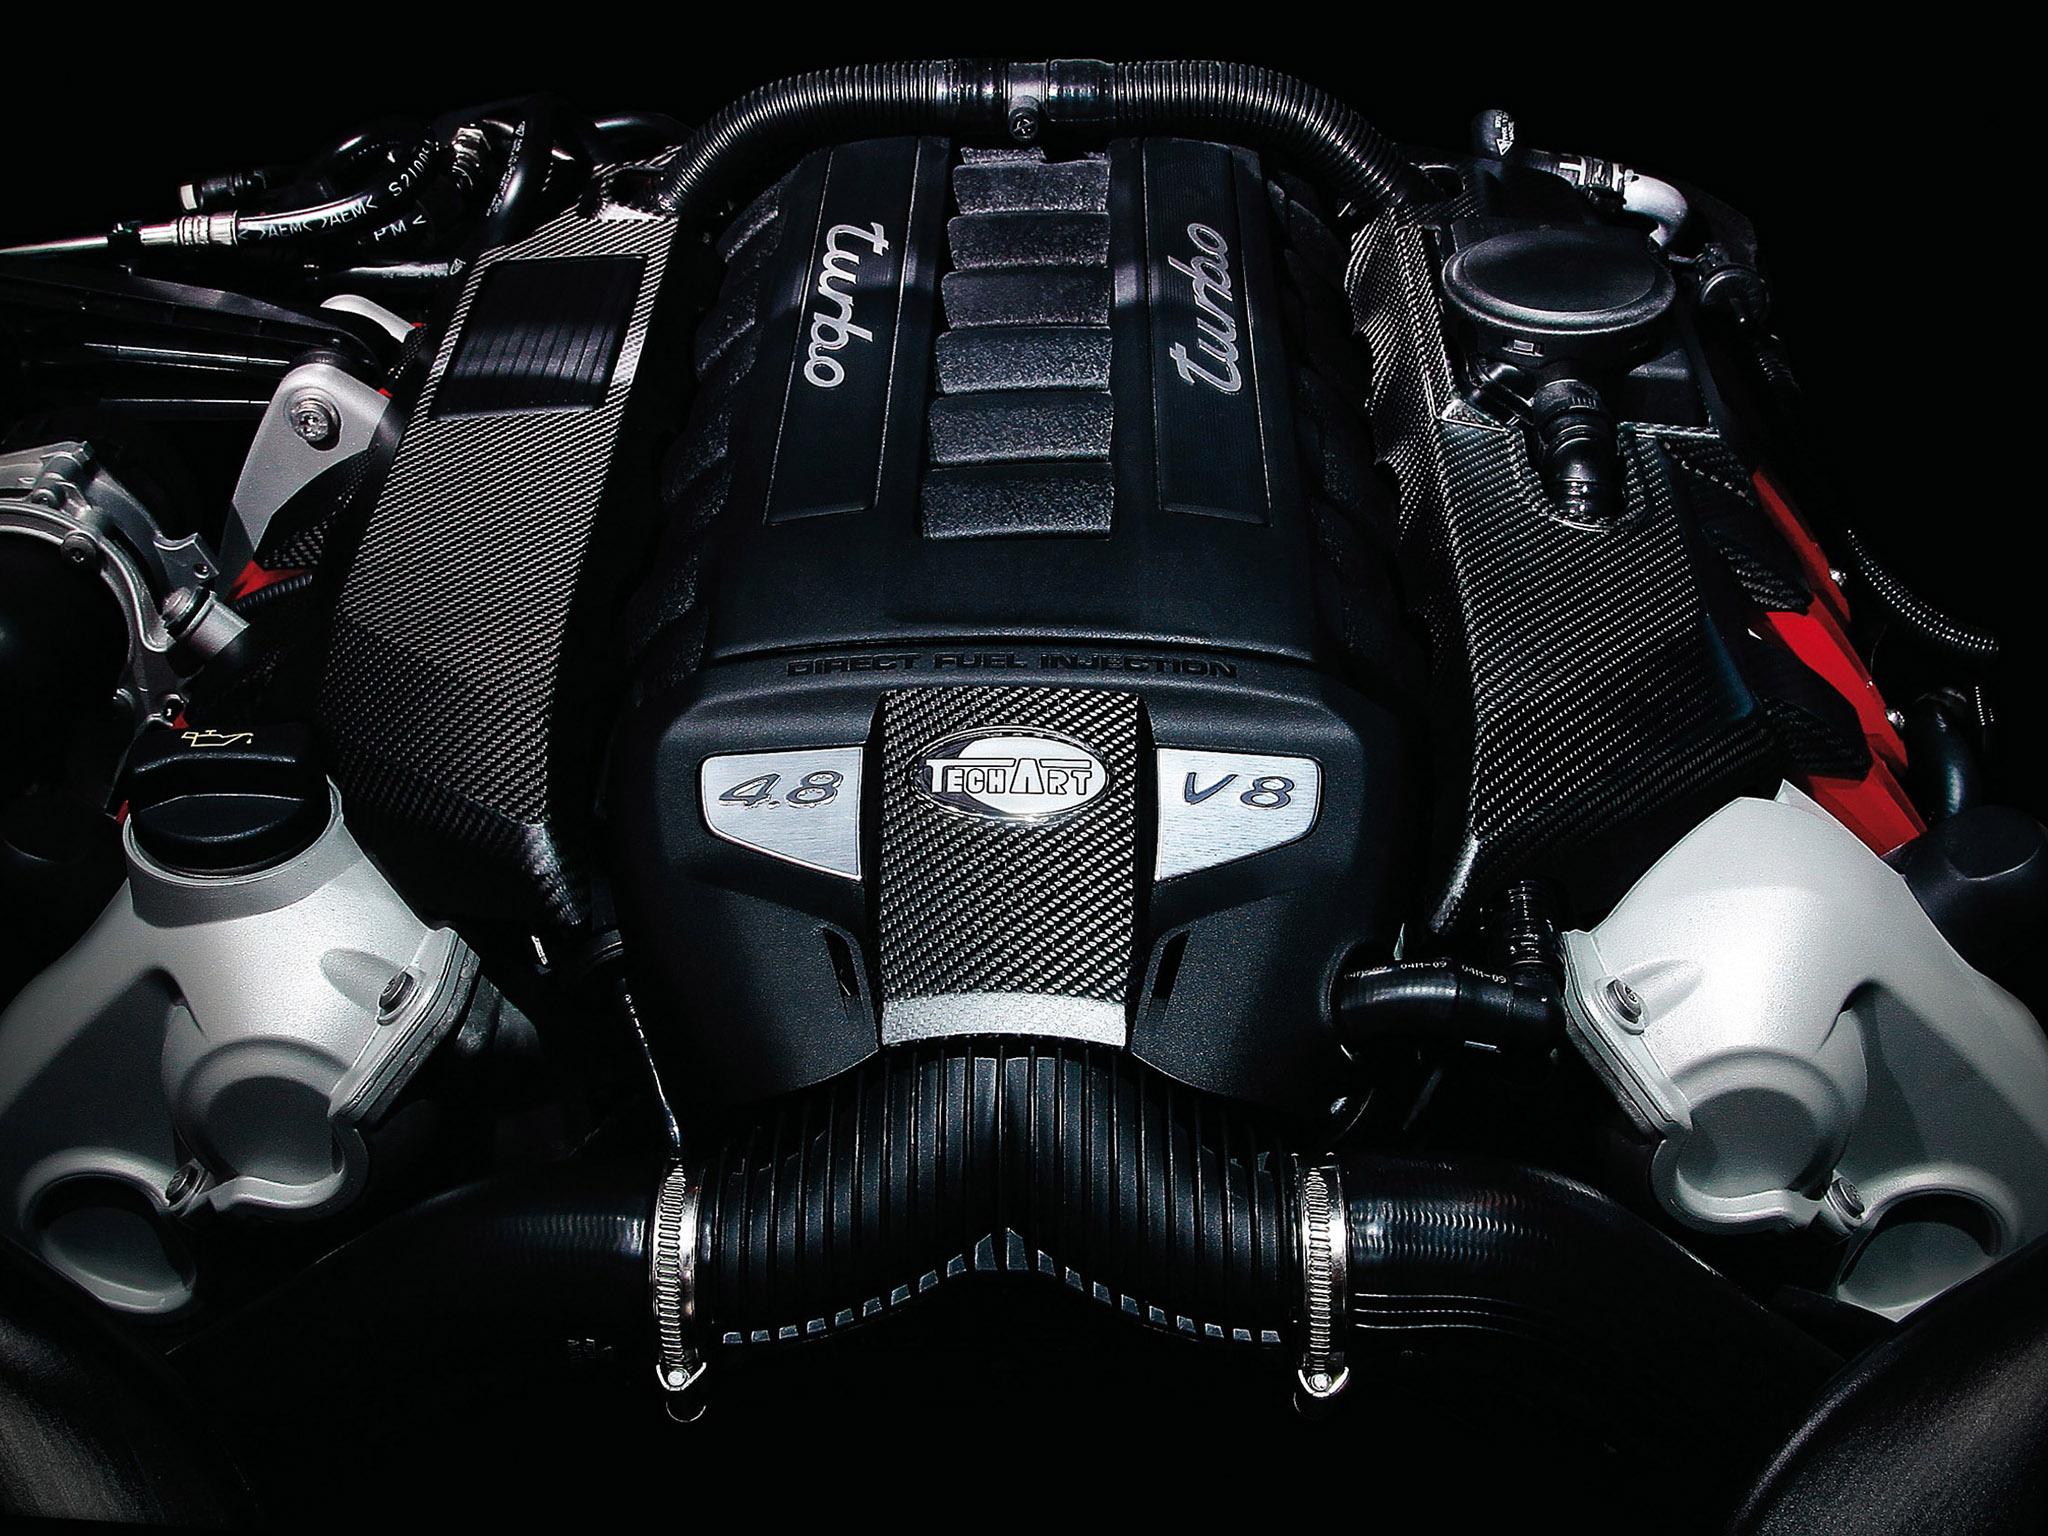 Картинка двигателя автомобиля в высоком разрешении